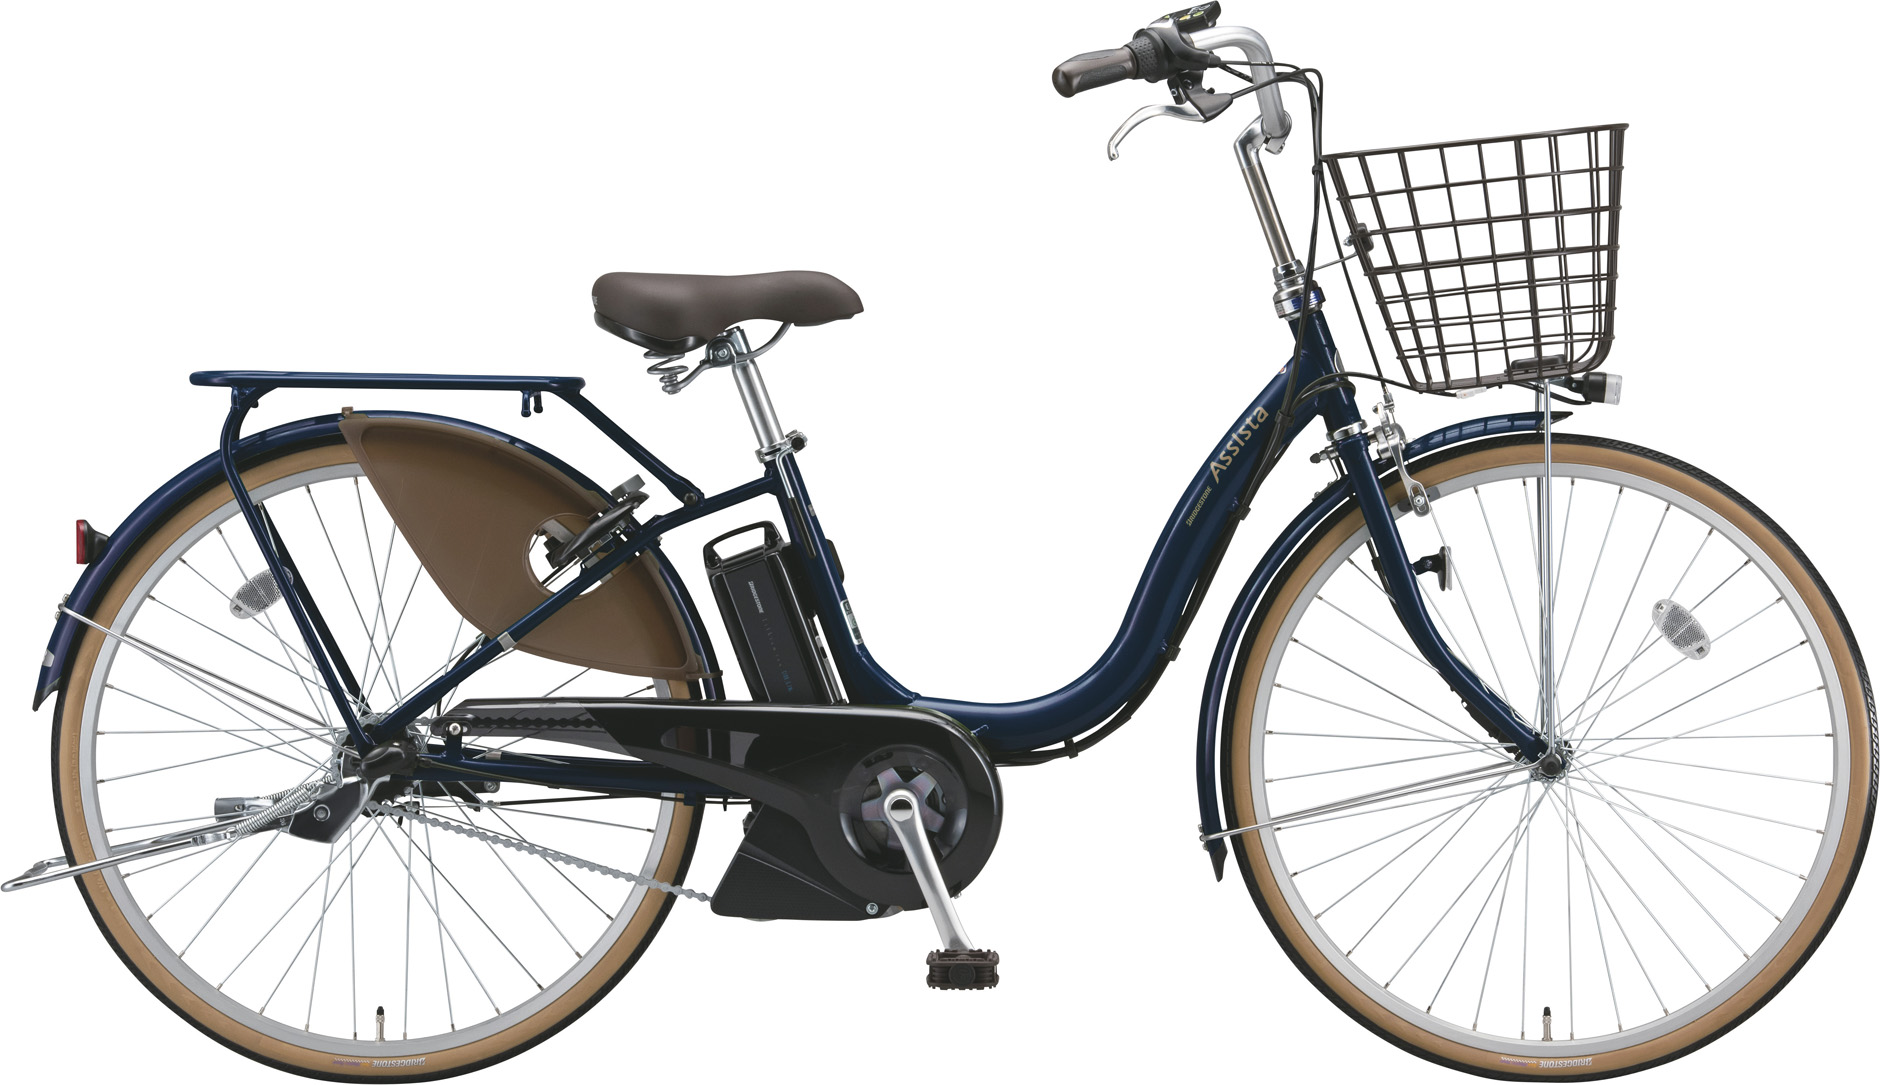 ブリヂストン,電動自転車,電動車,安い,セール,sale,激安,アシスタファイン